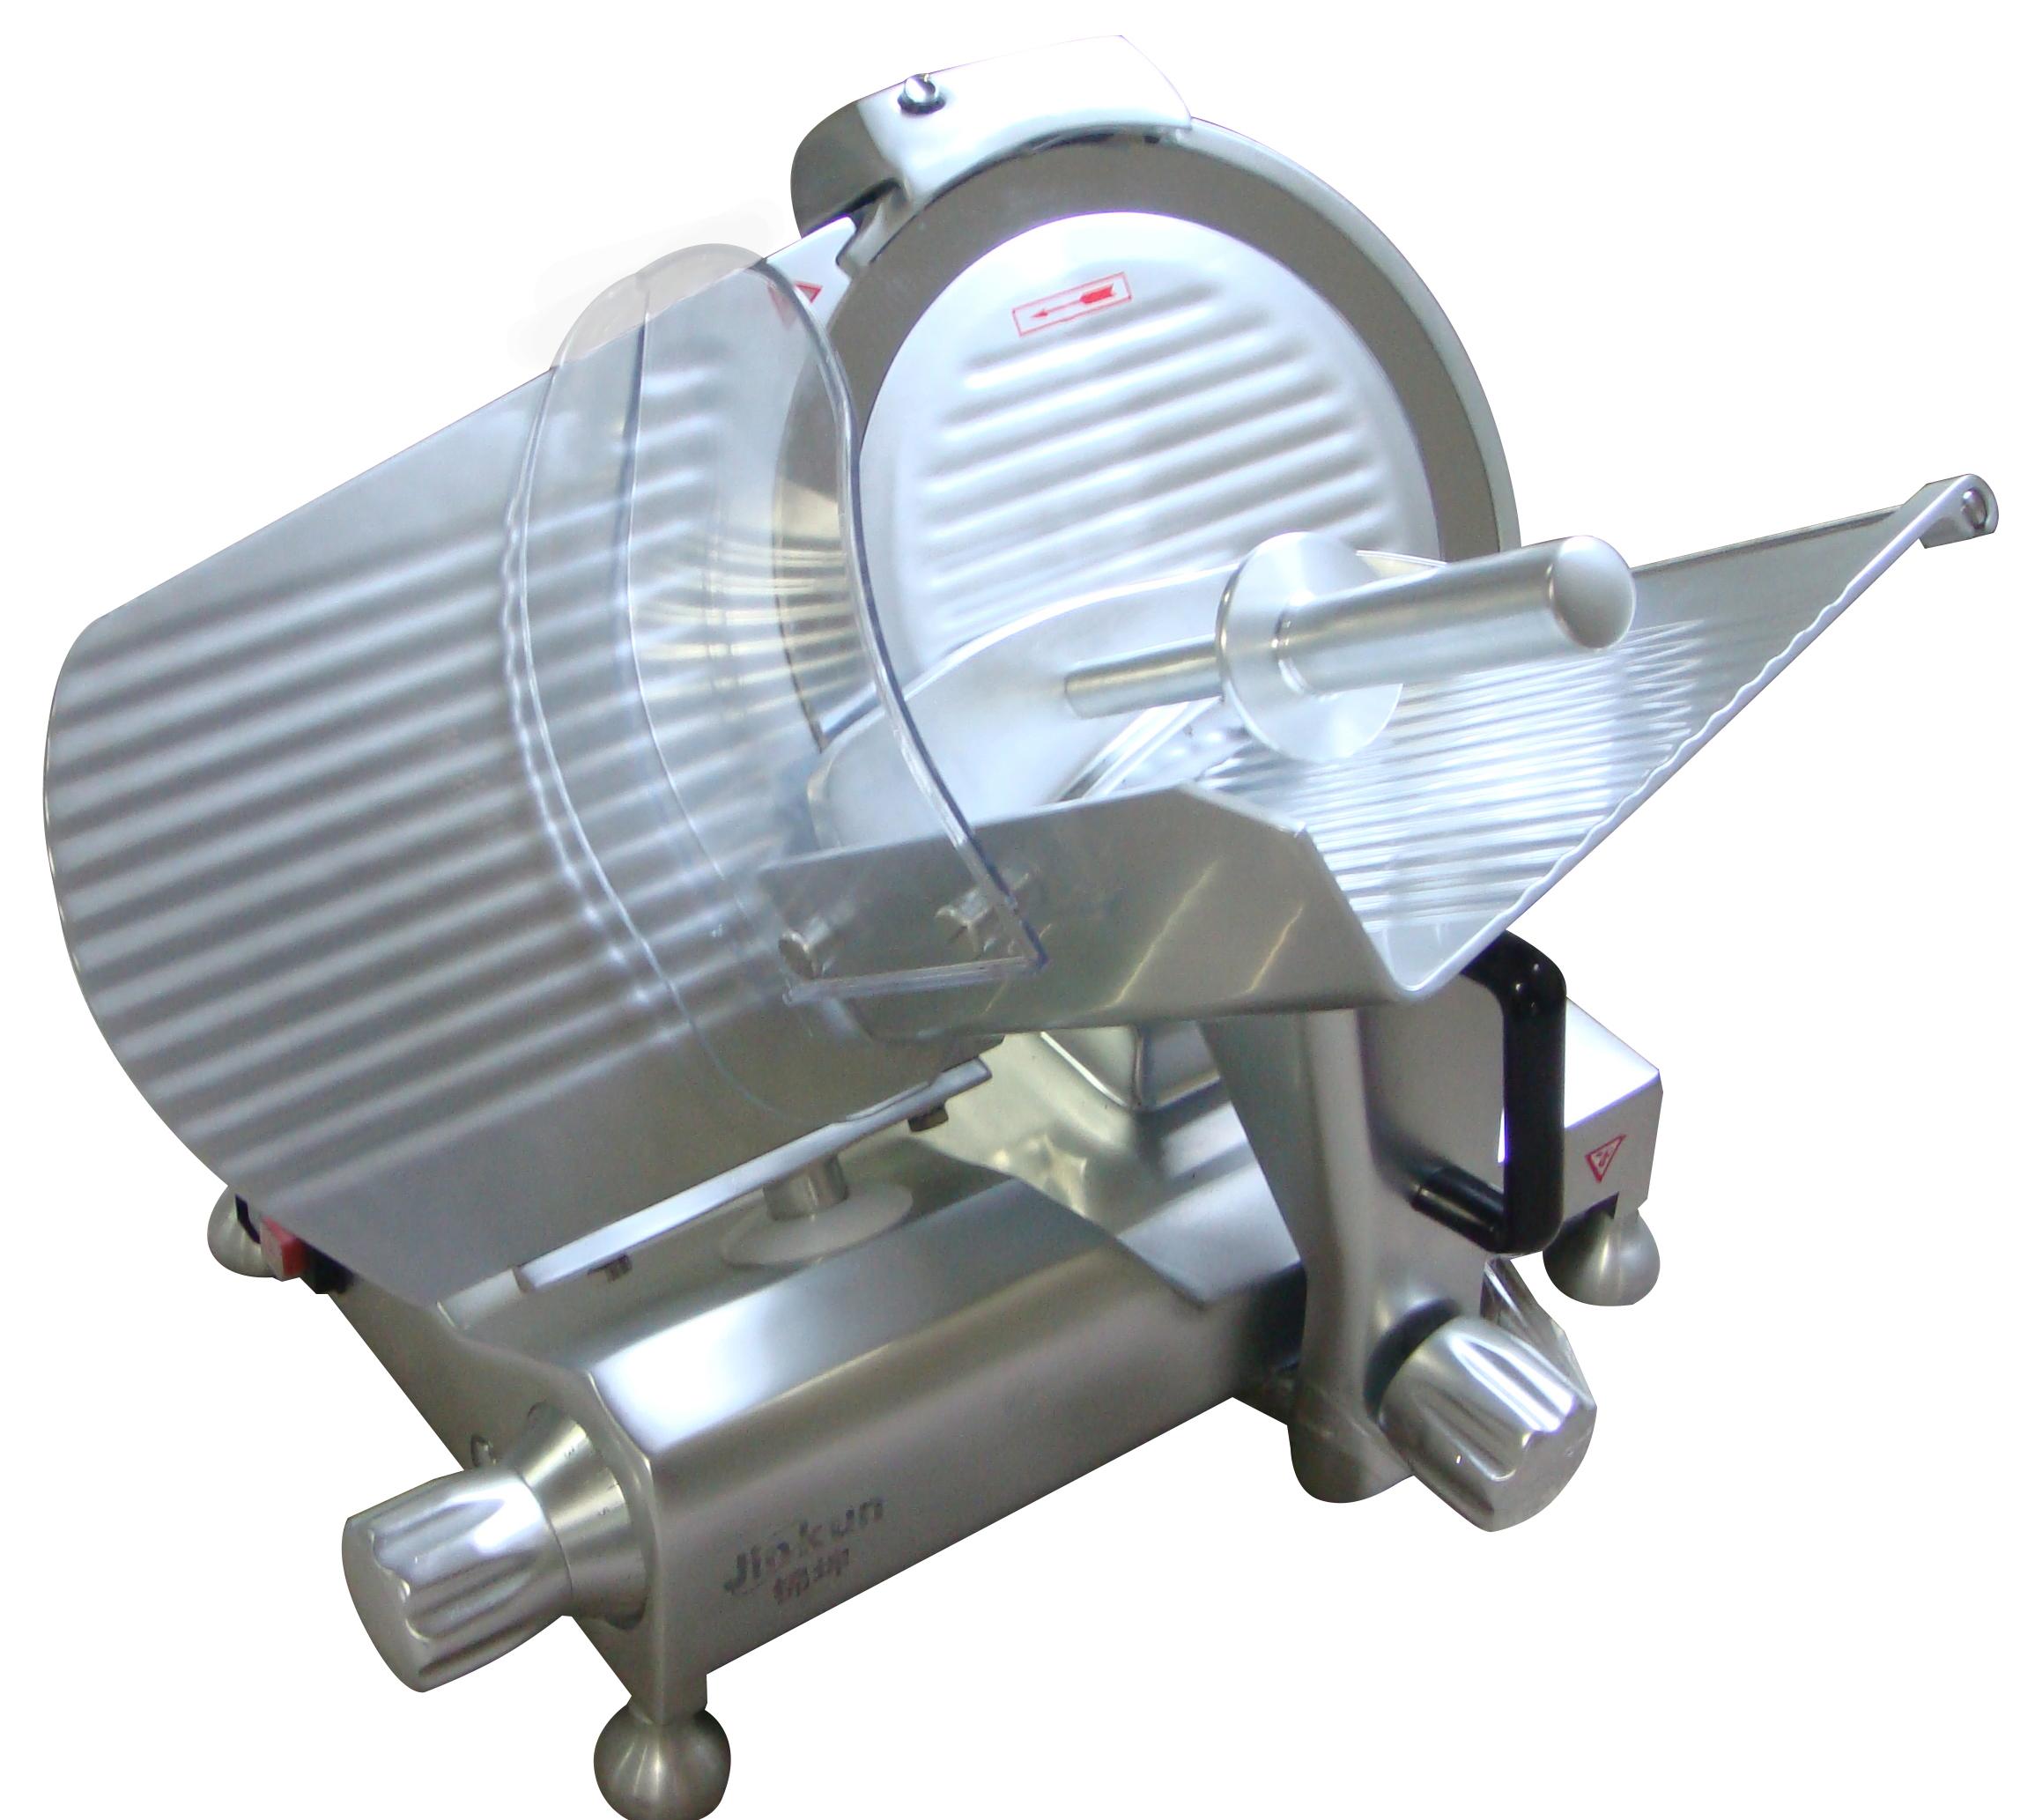 JK-300L Meatr Slicer